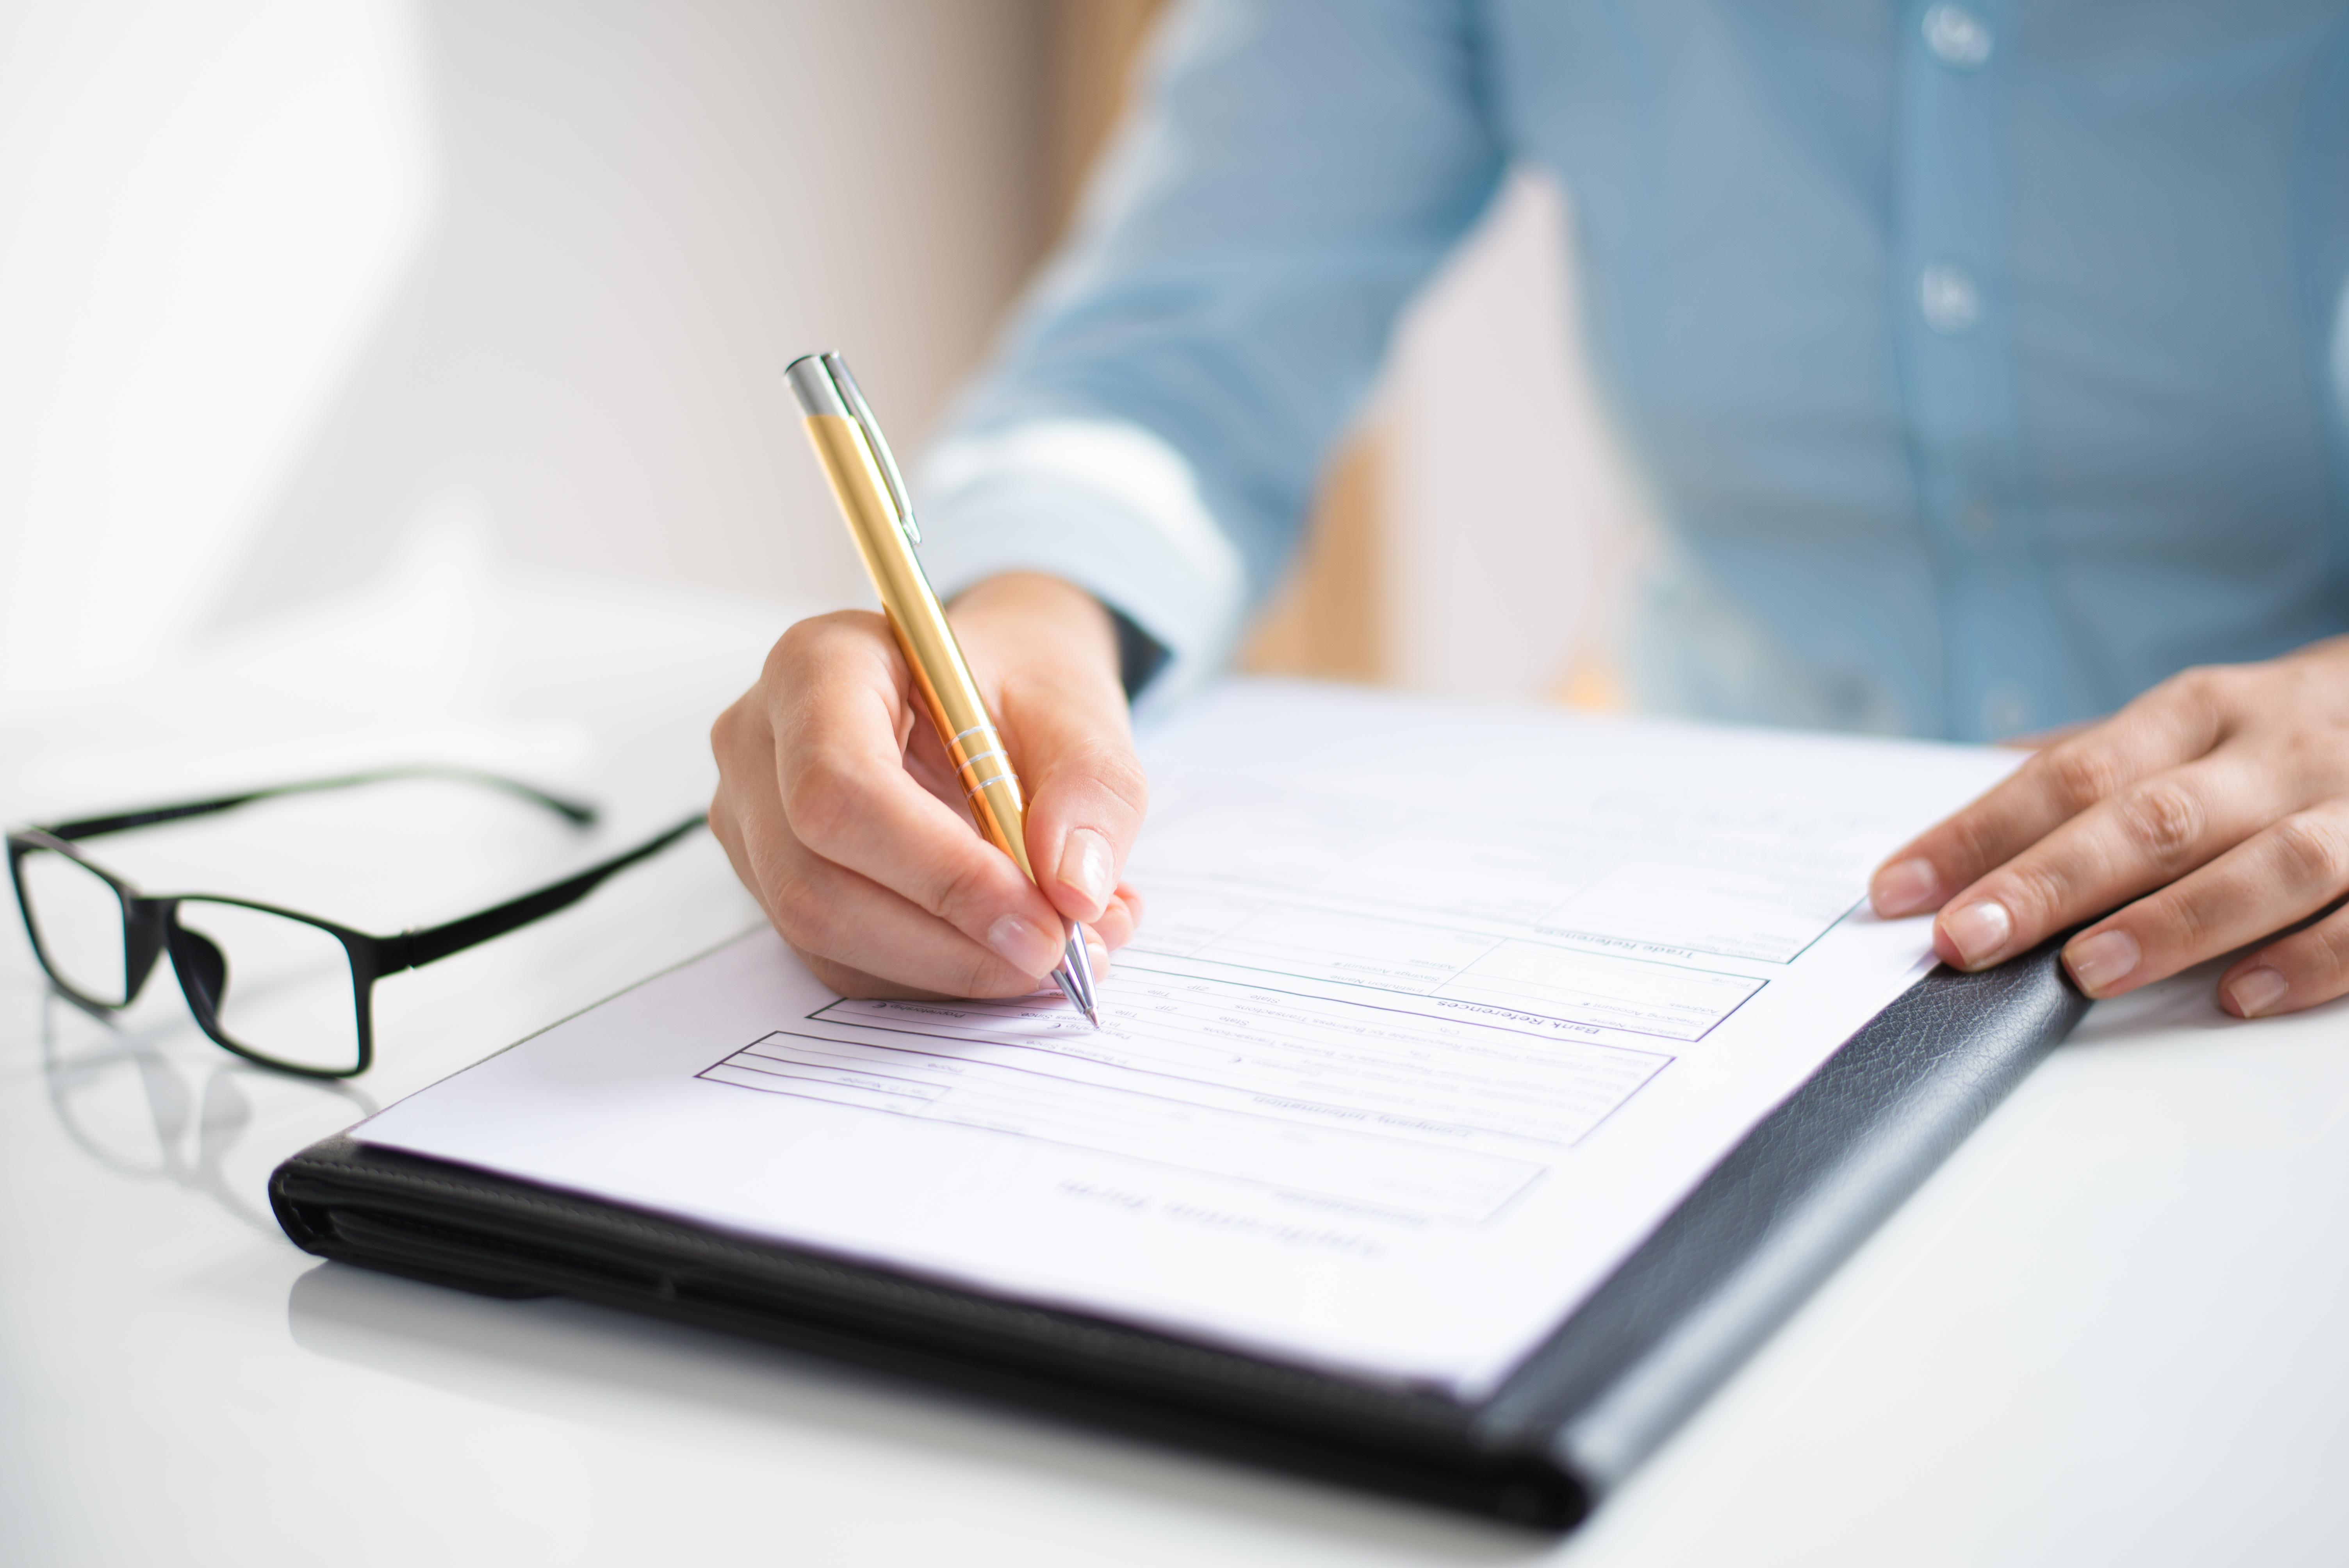 człowiek piszący na papierze